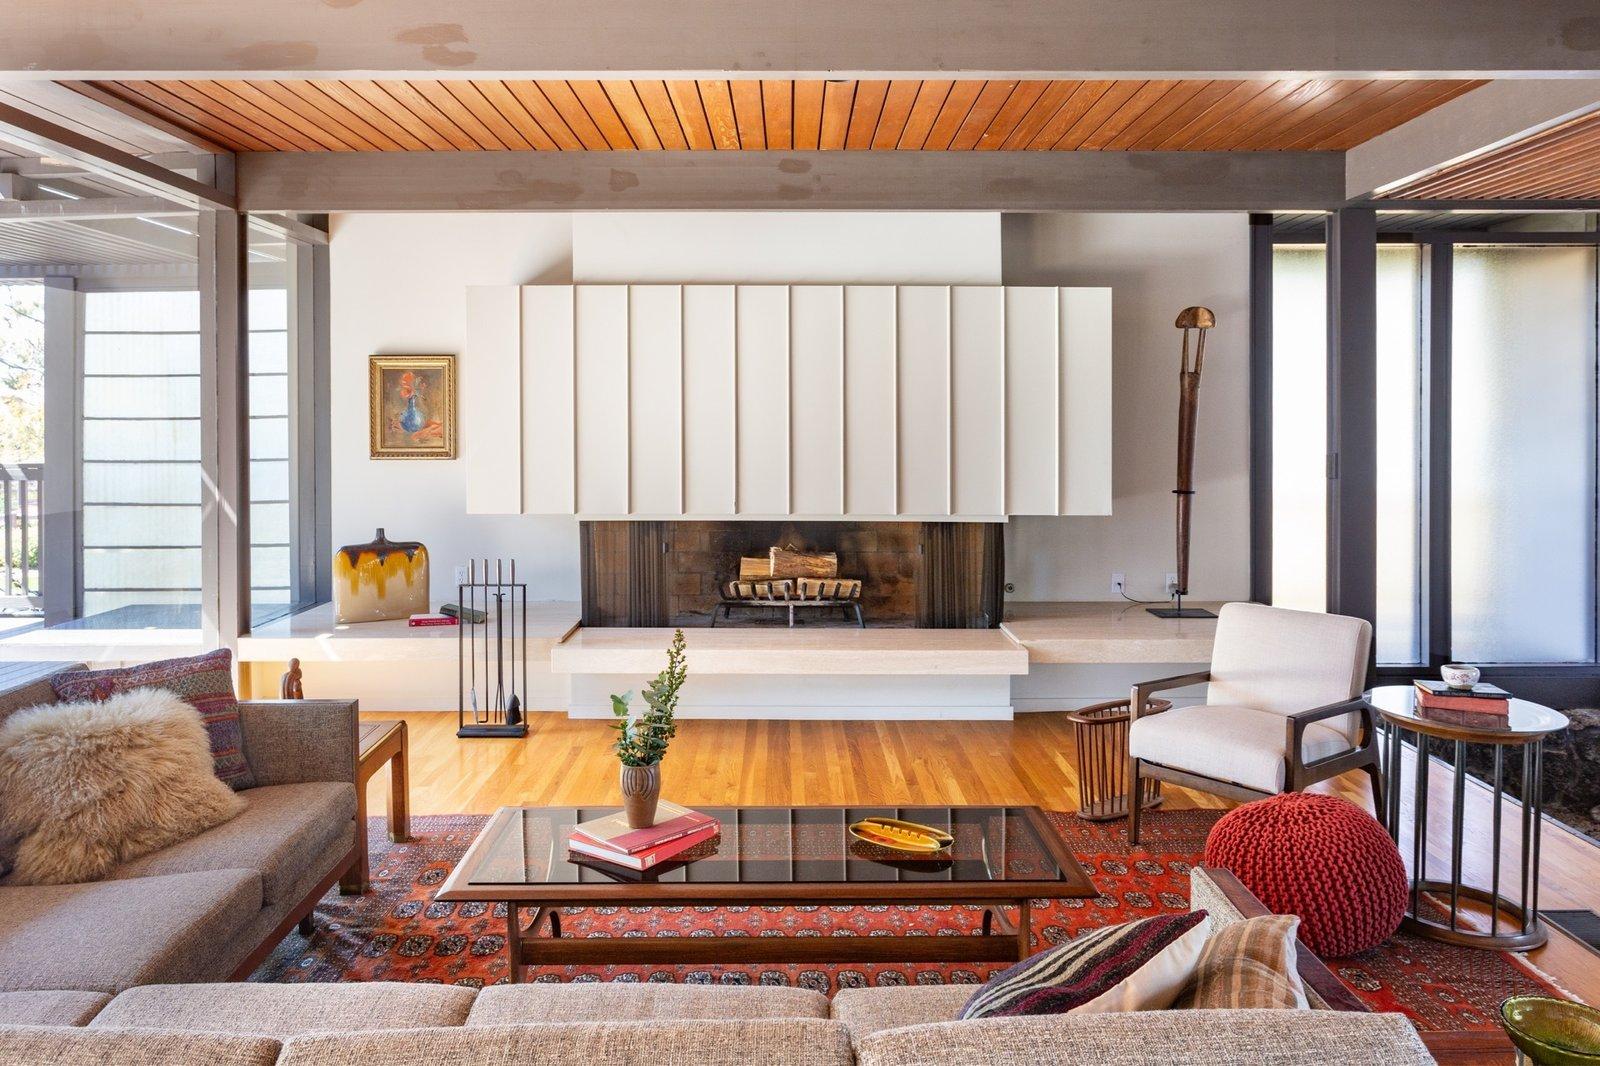 Yuen Residence living room